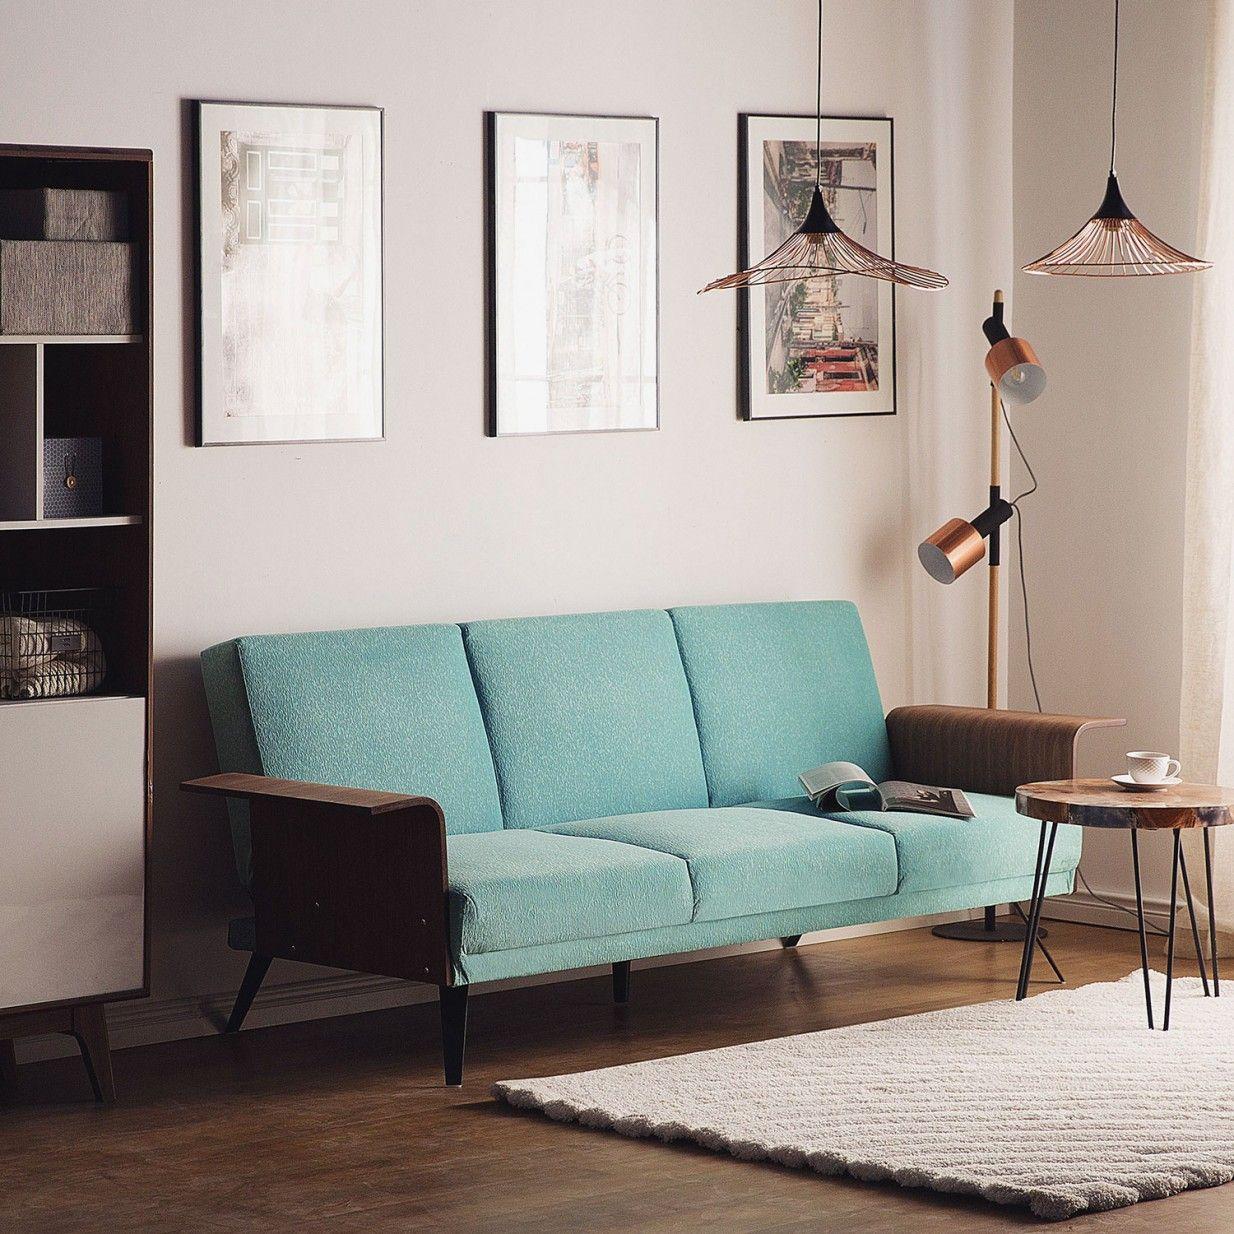 Sympathisch Sofa Mint Sammlung Von 3-seater Bed - | Artehome | Monoqi